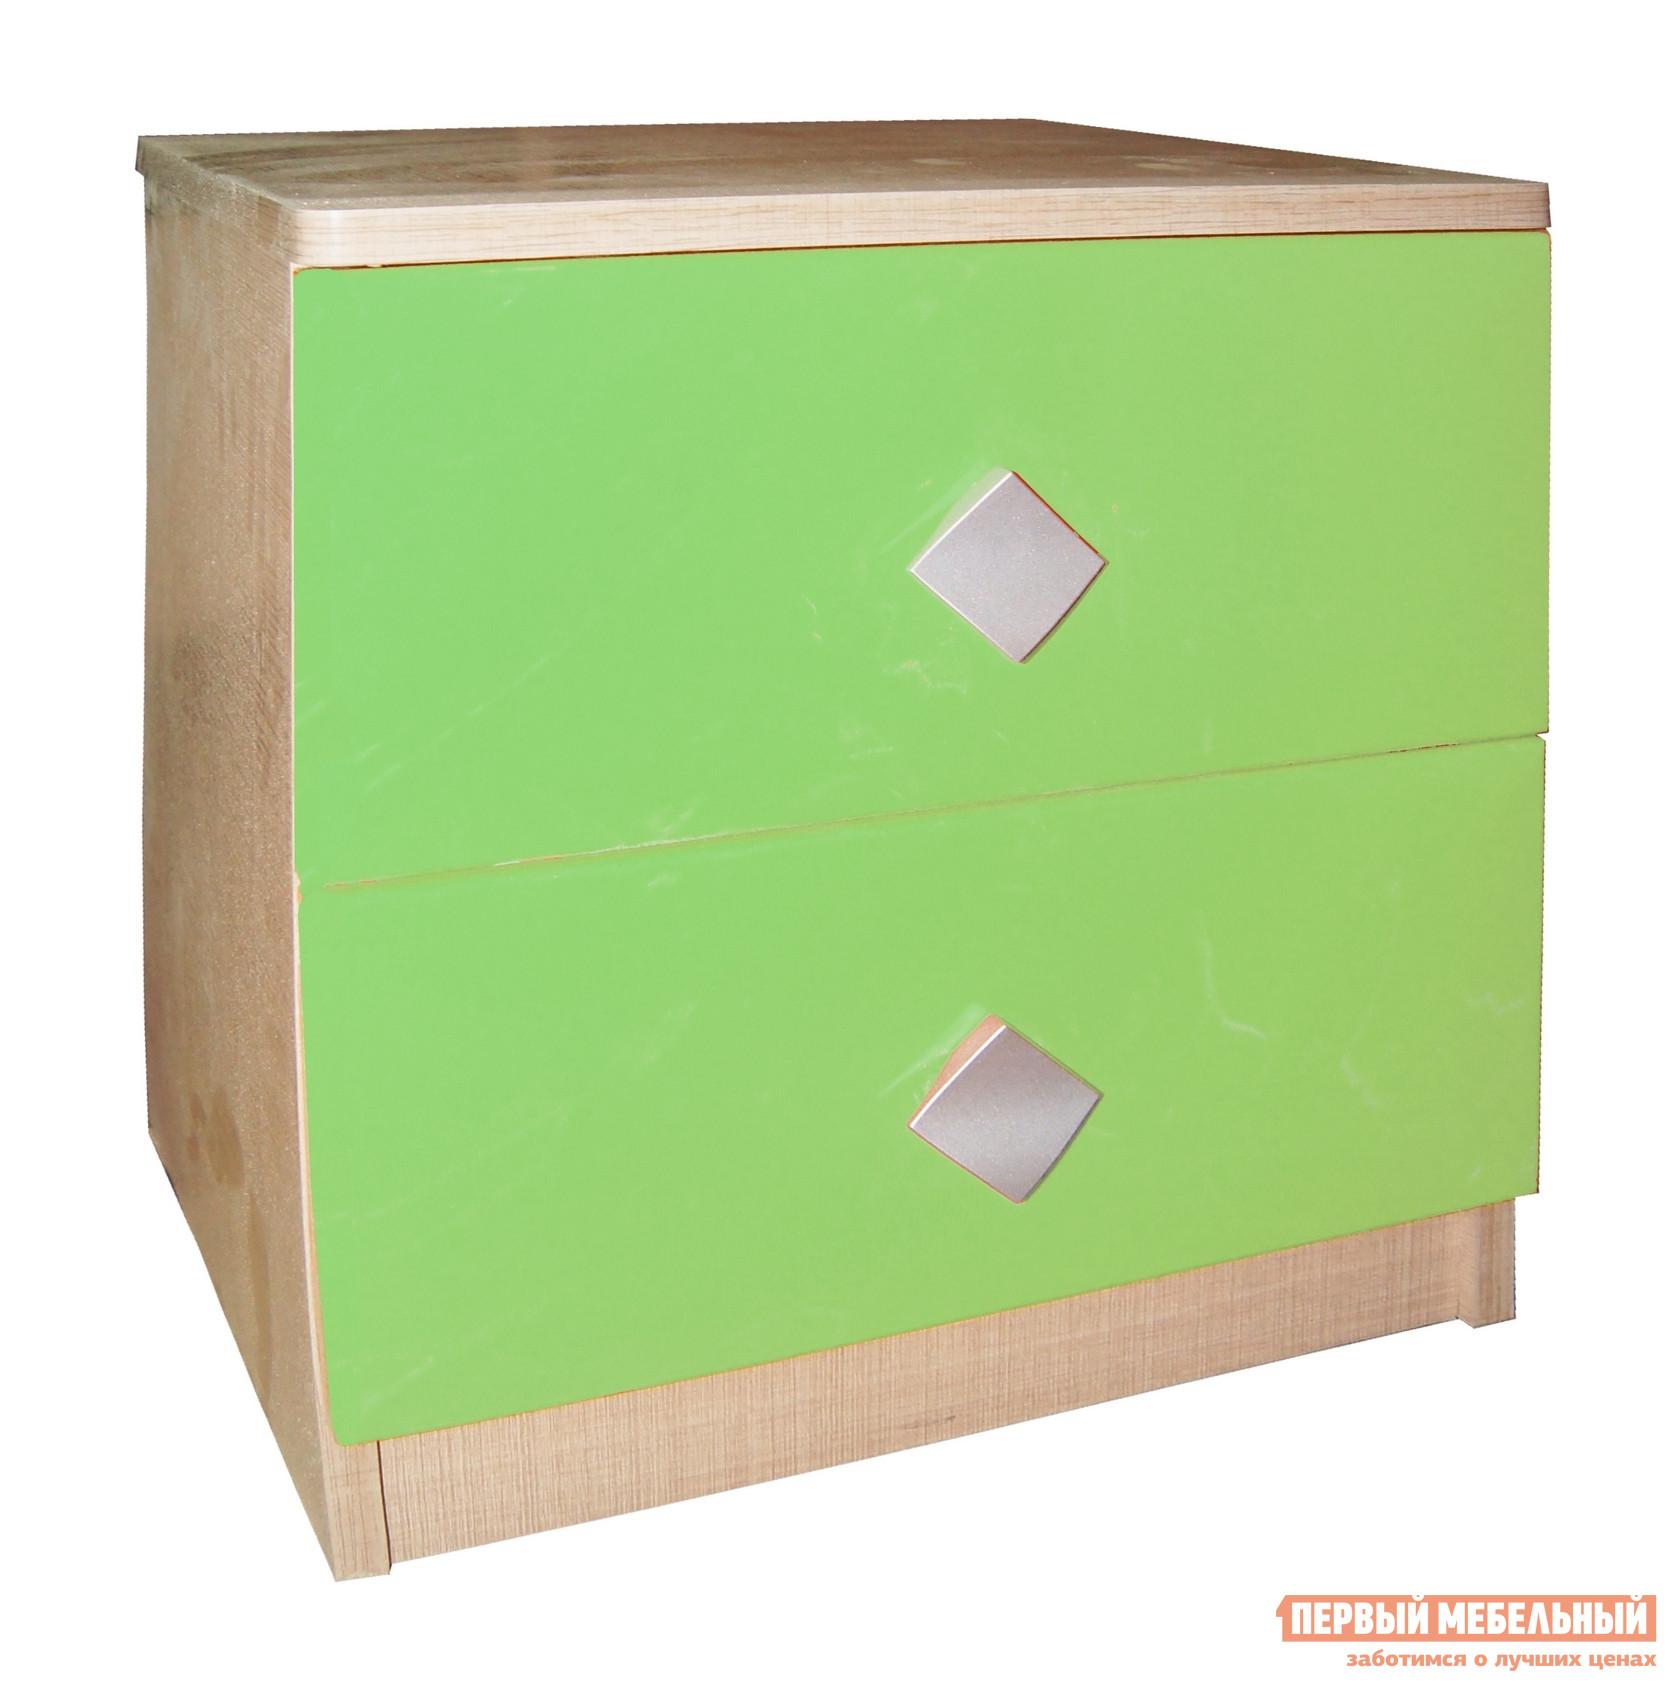 Туалетный столик МО РОСТ Жили-были Мадейра / Зеленый глянец от Купистол